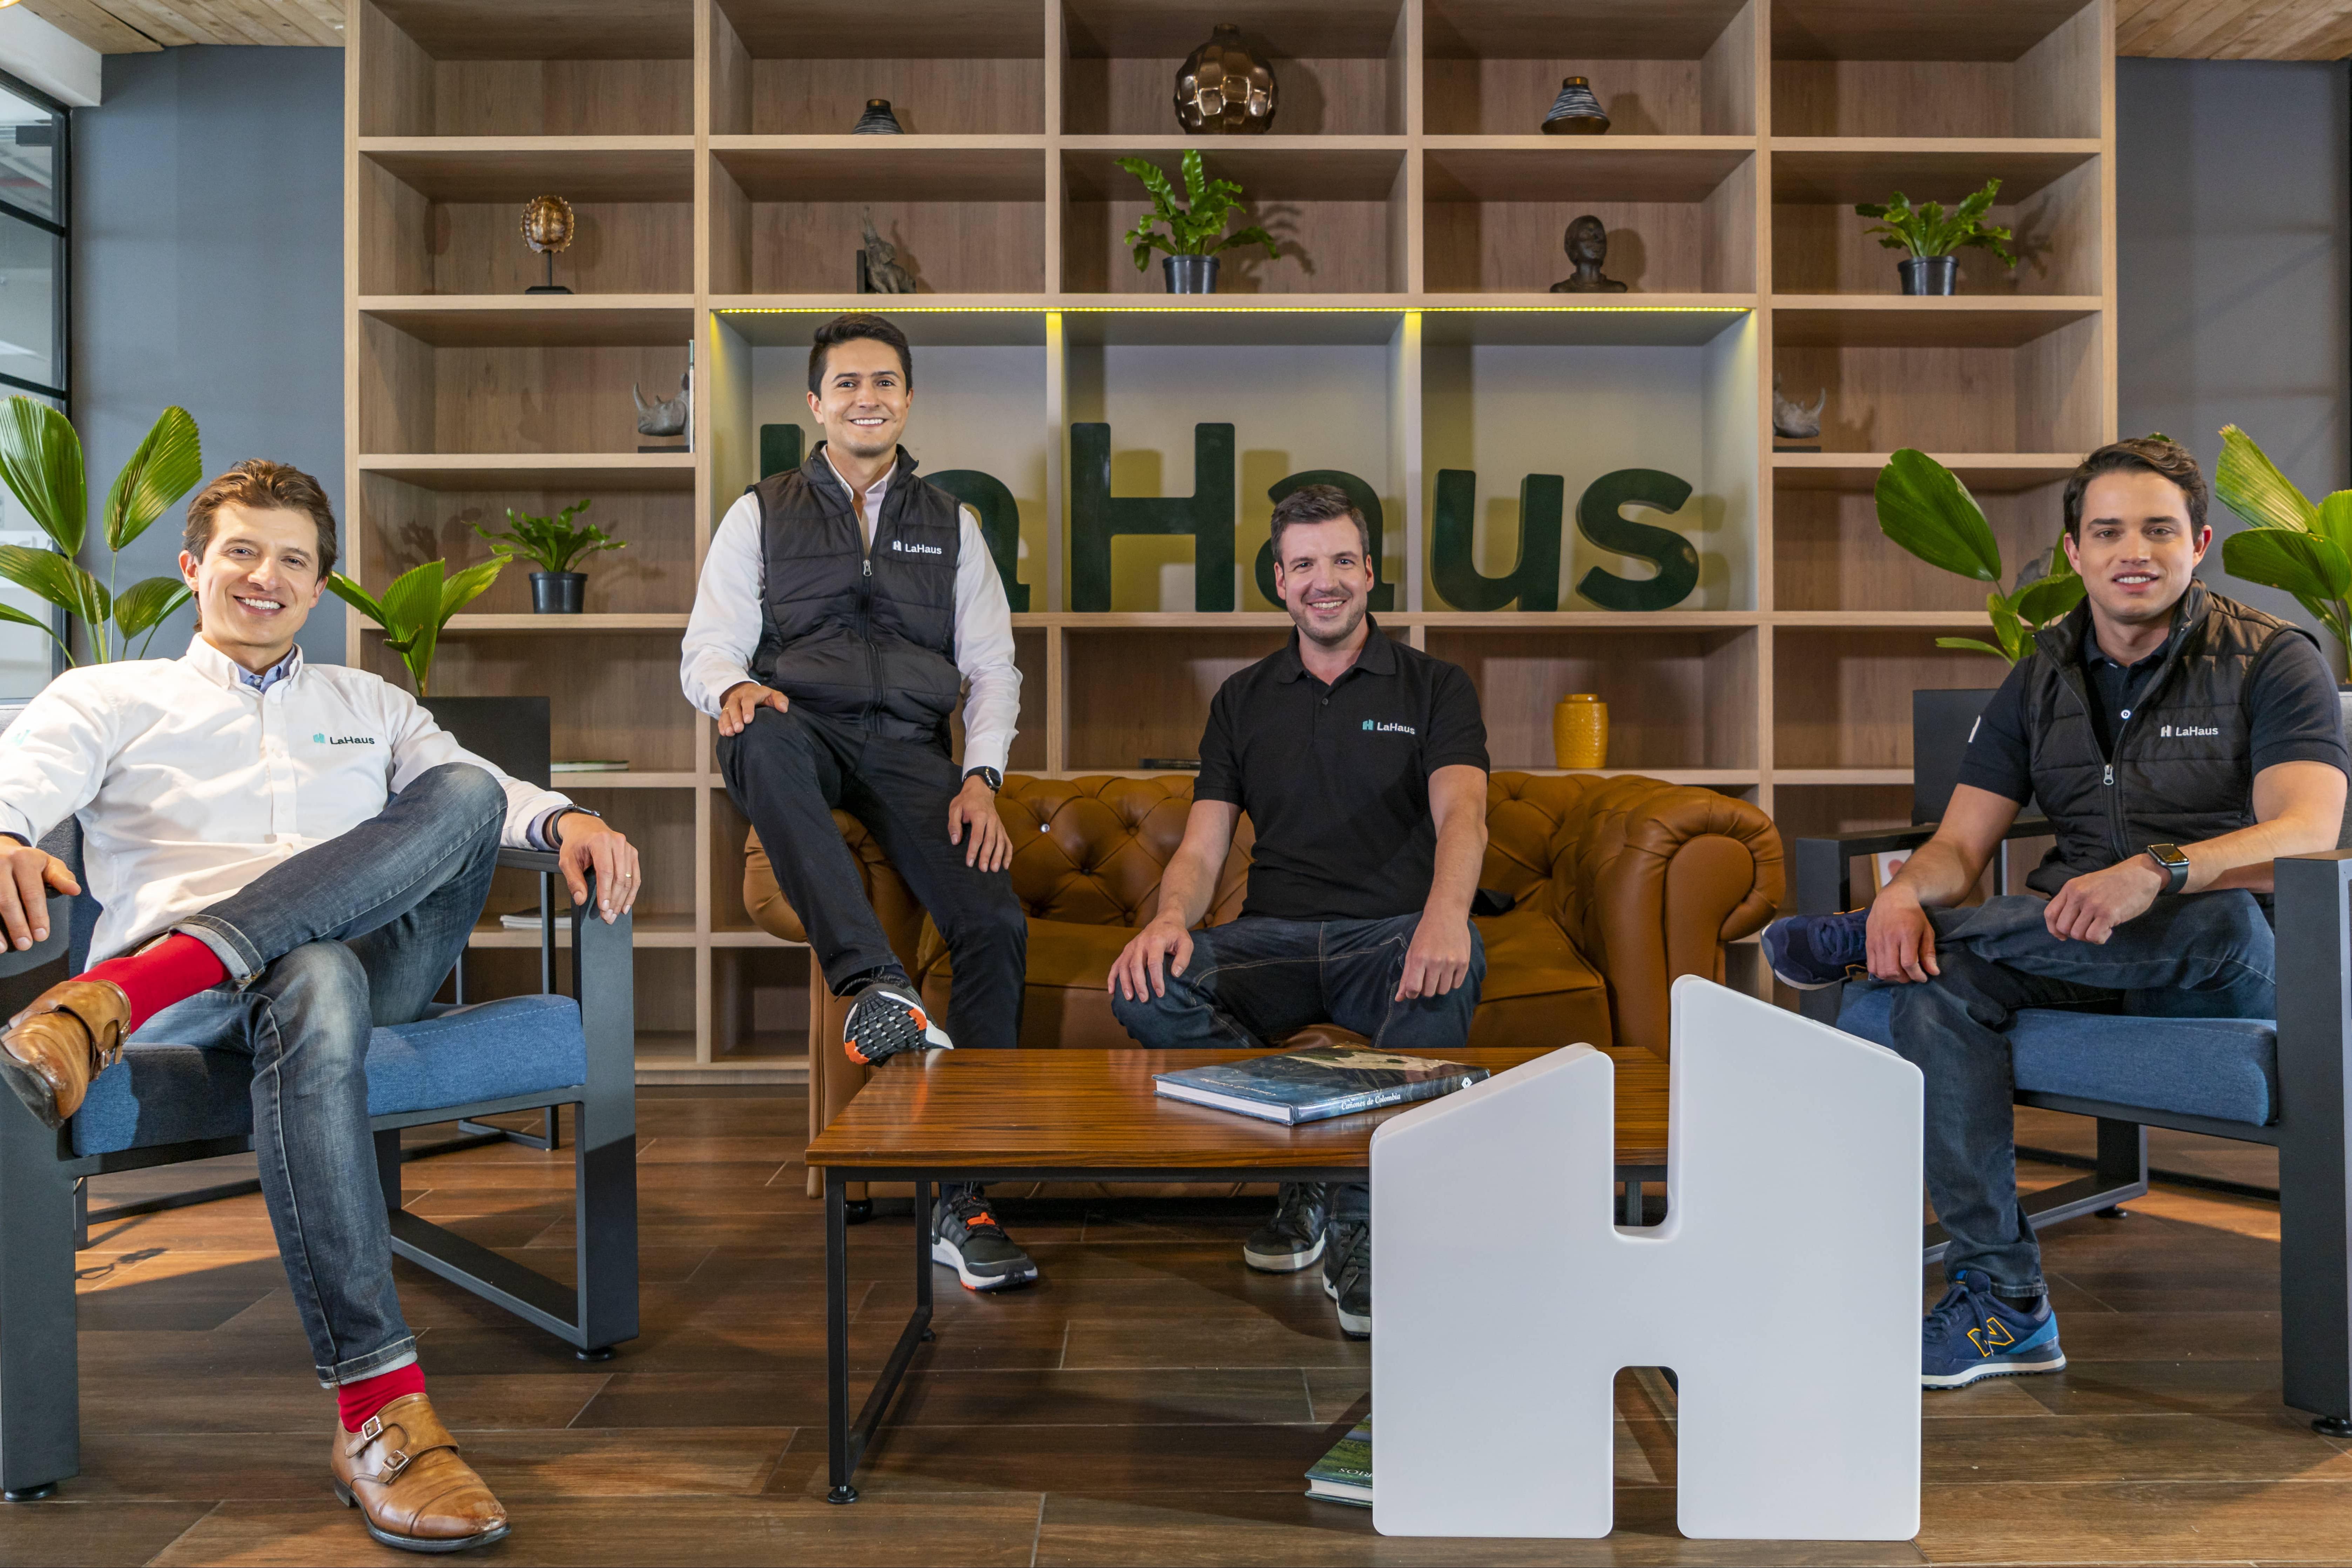 La Haus es parte de la red de Endeavor